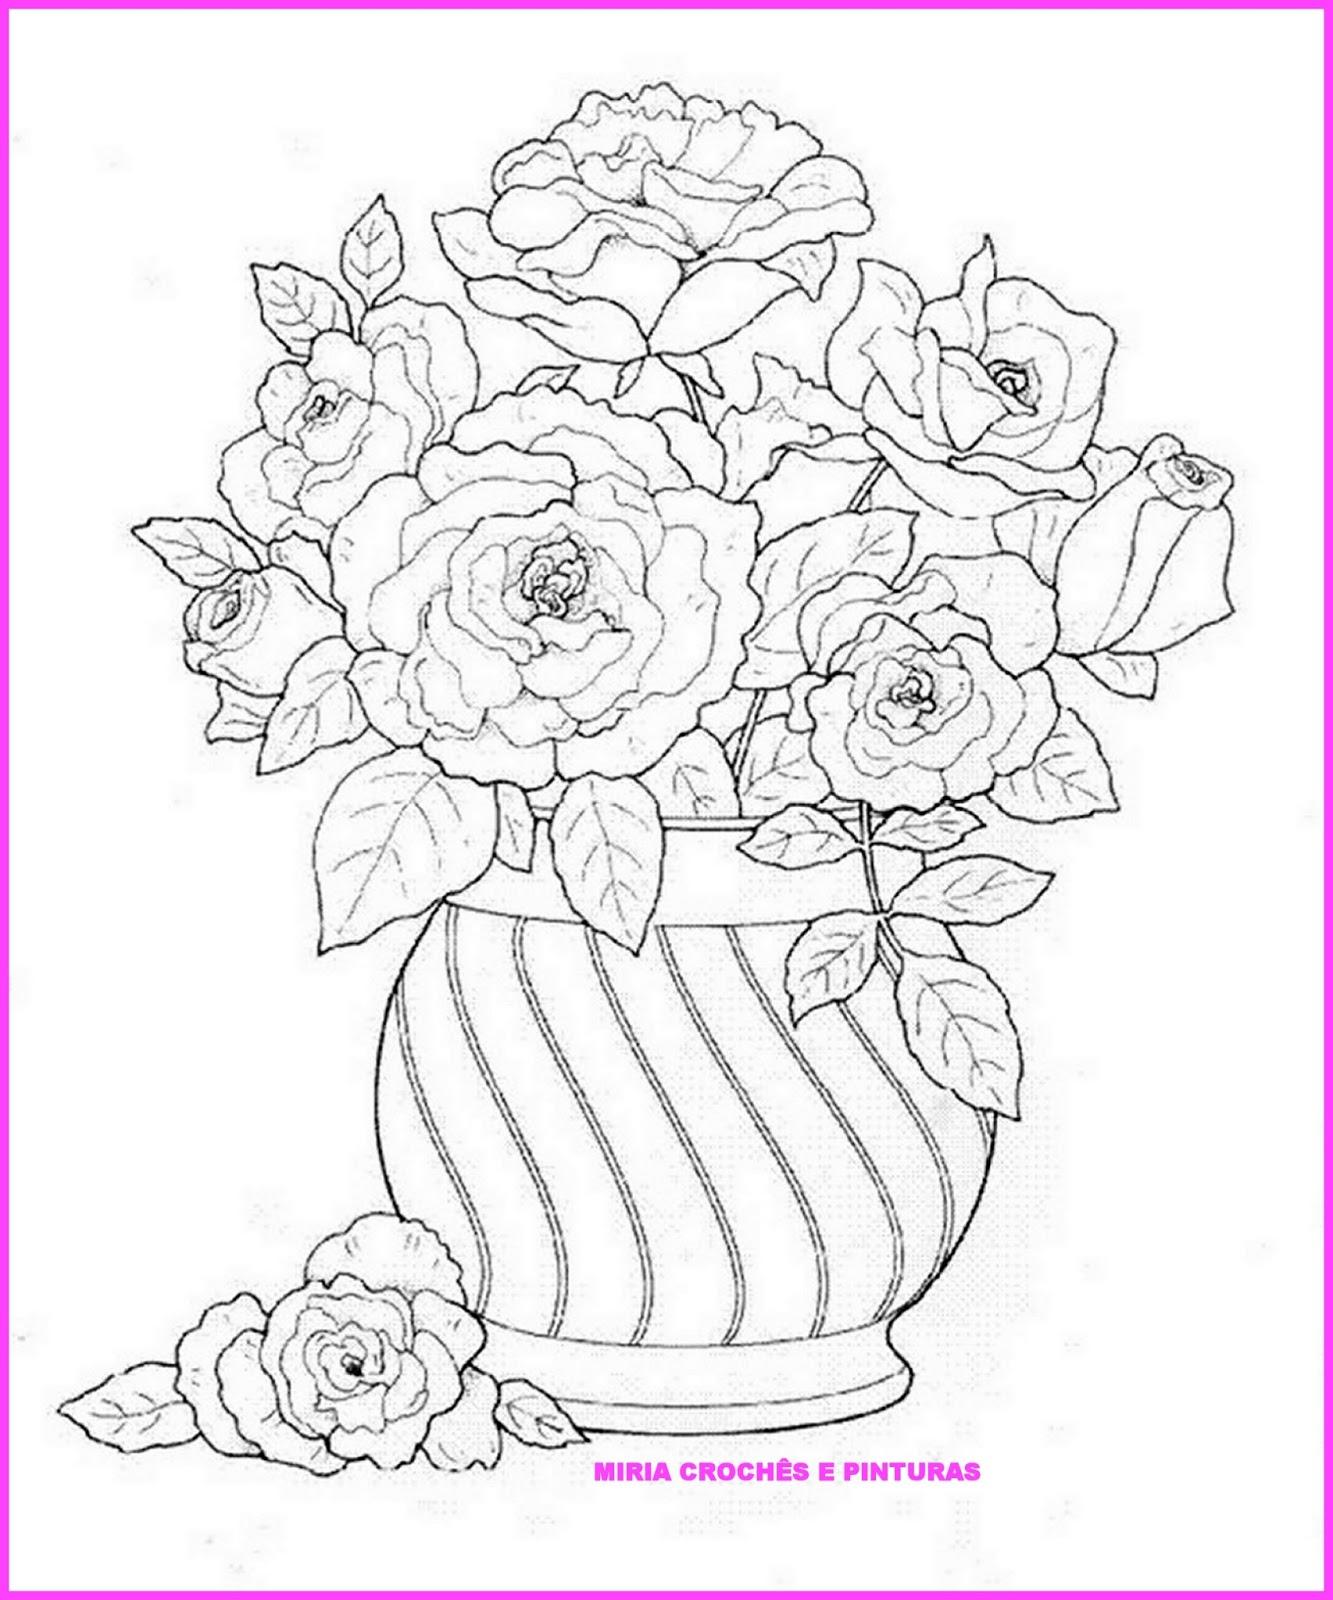 Открытки бабушке на день рождения розы